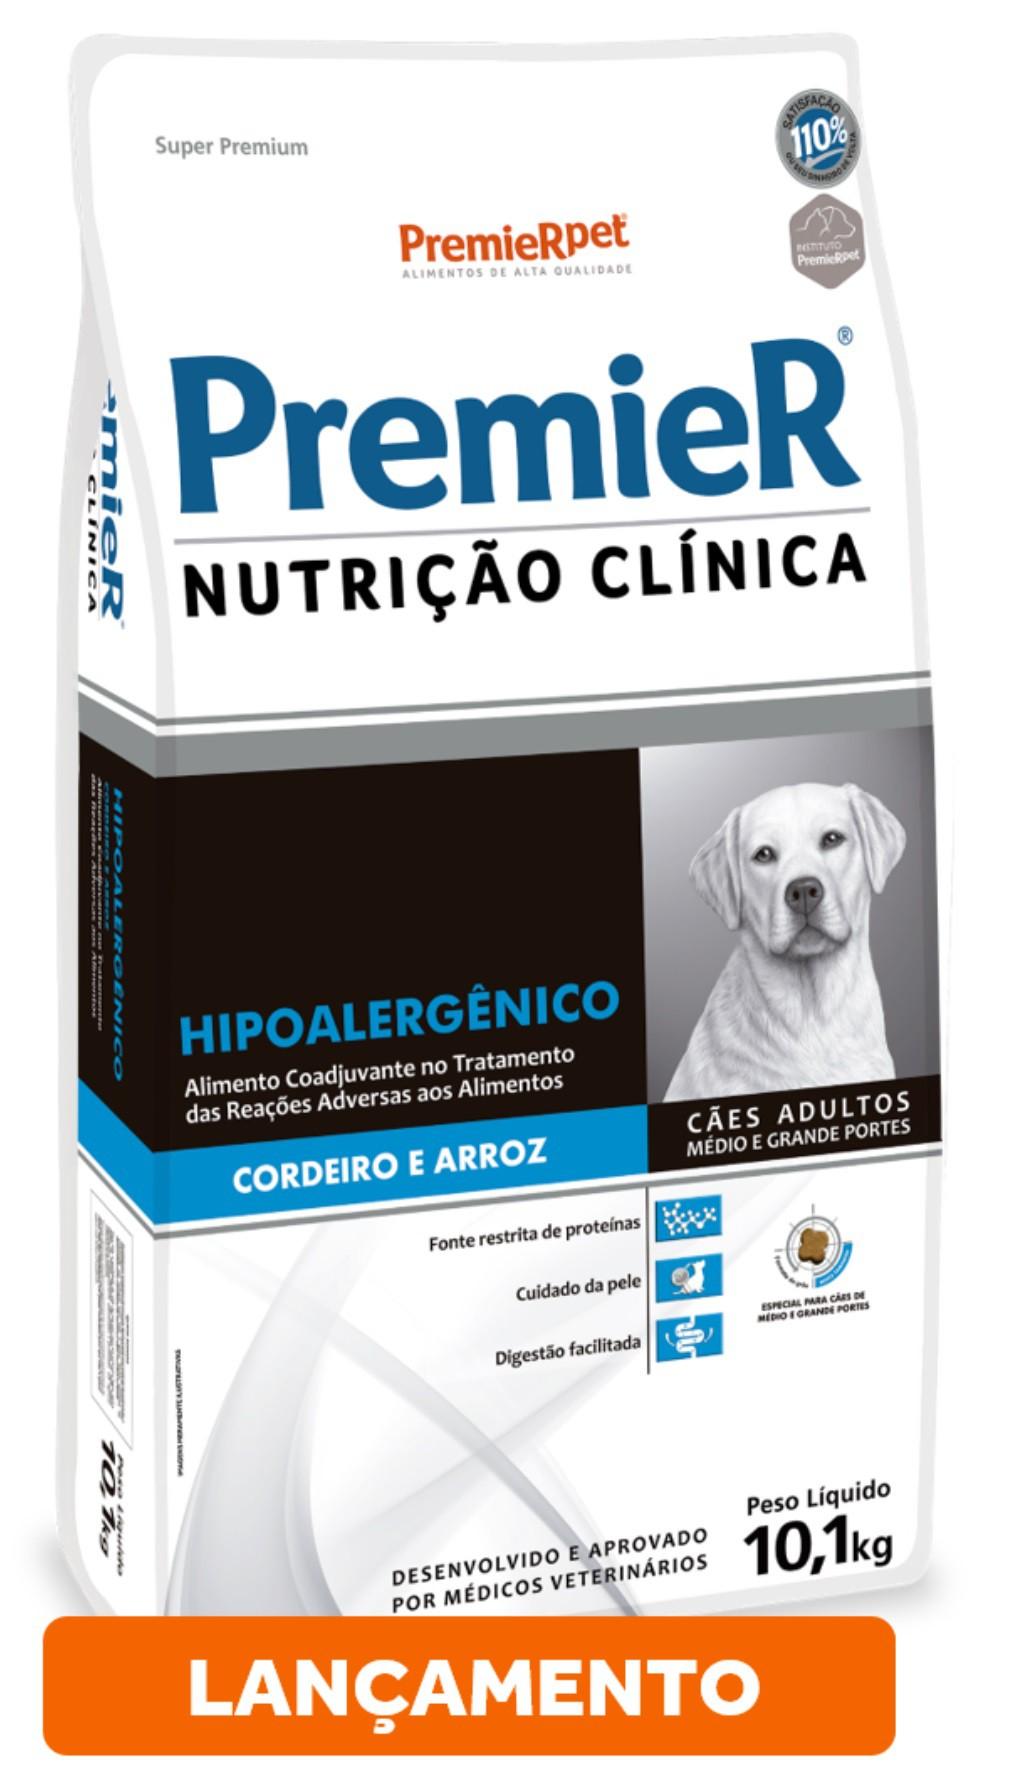 Ração Premier Nutrição Clínica Hipoalergênico para Cães de Médio e Grande Porte Sabor Cordeiro e Arroz 10,1 Kg